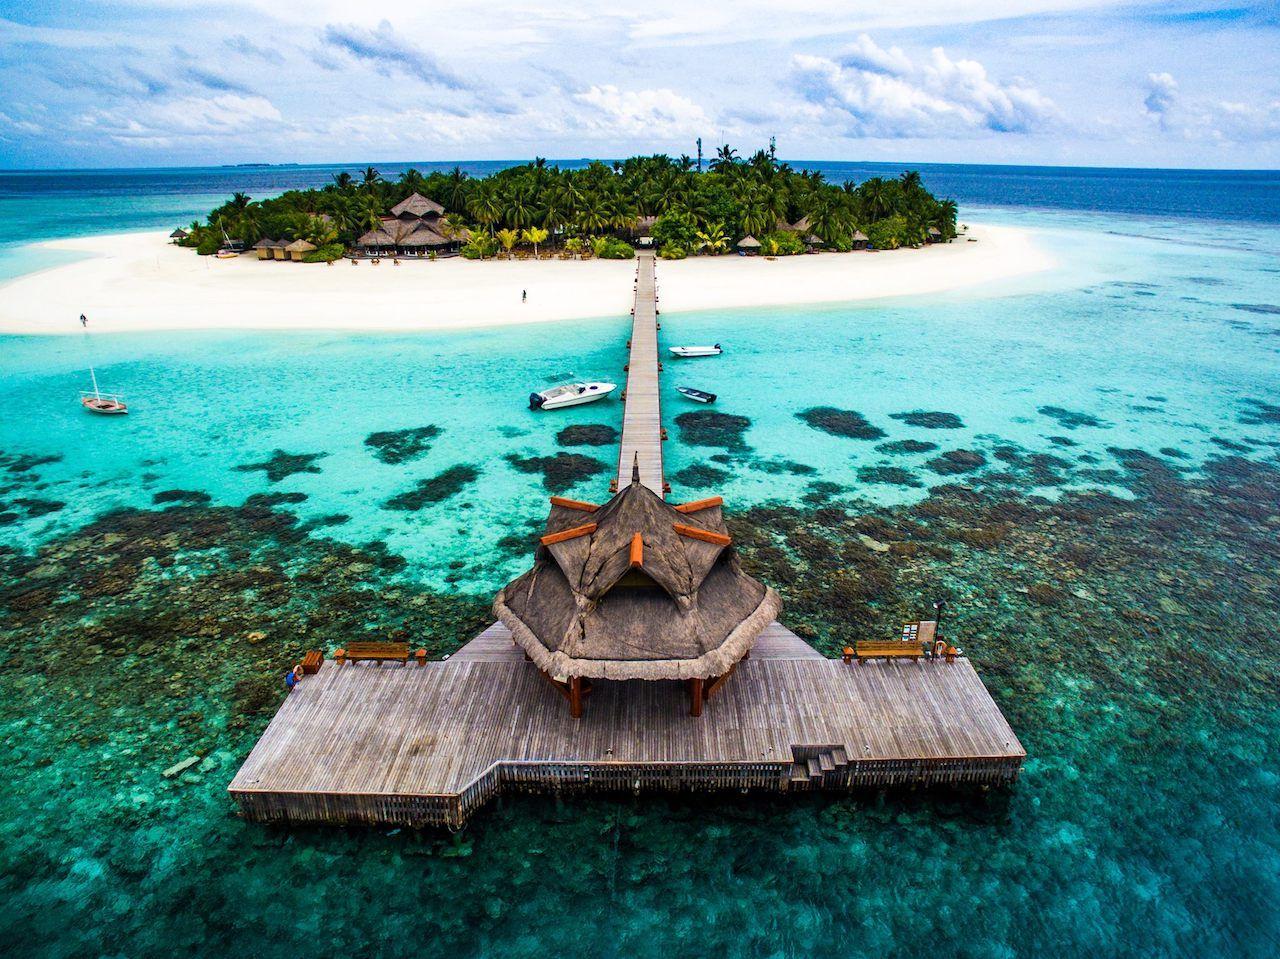 Banyan Tree Hotels and Resorts subscription